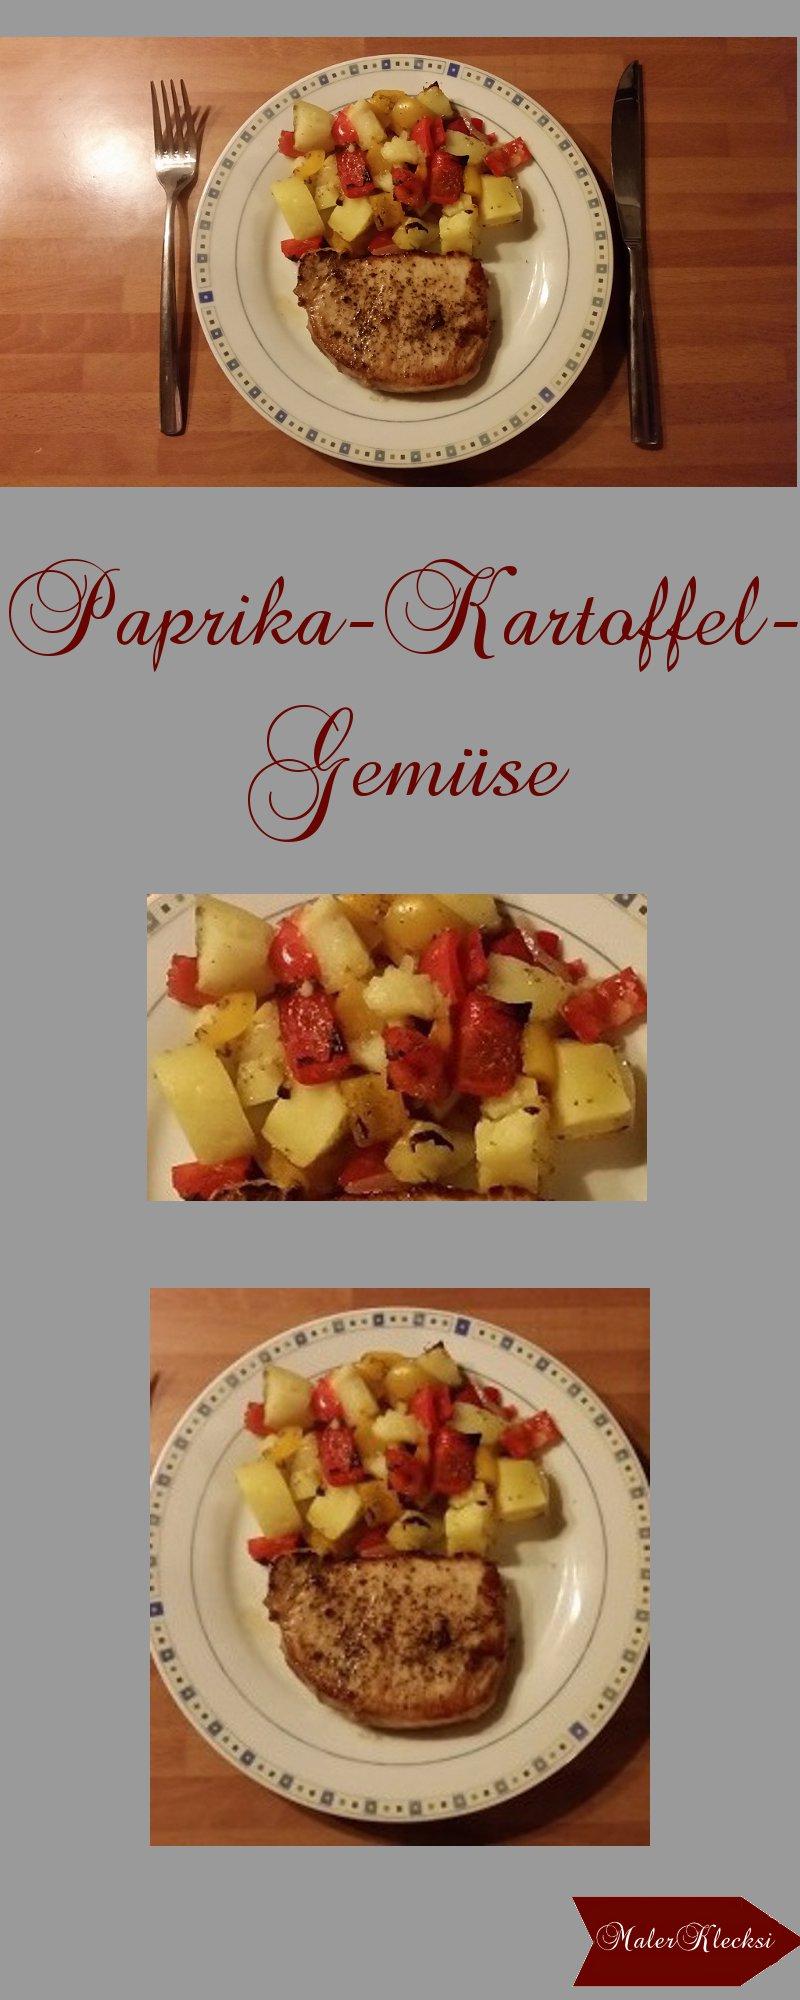 Paprika-Kartoffel-Gemuese